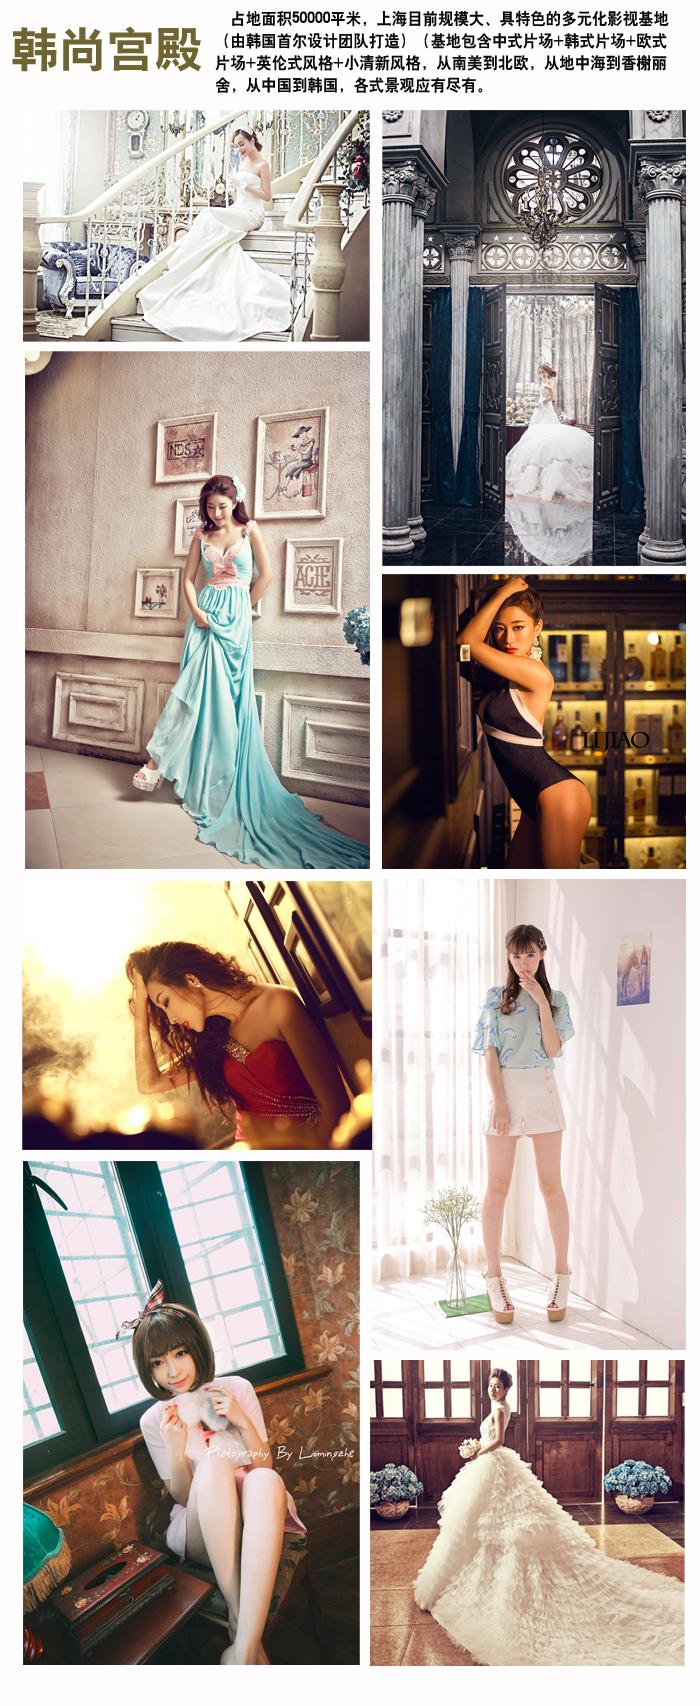 上海青春印象摄影活动